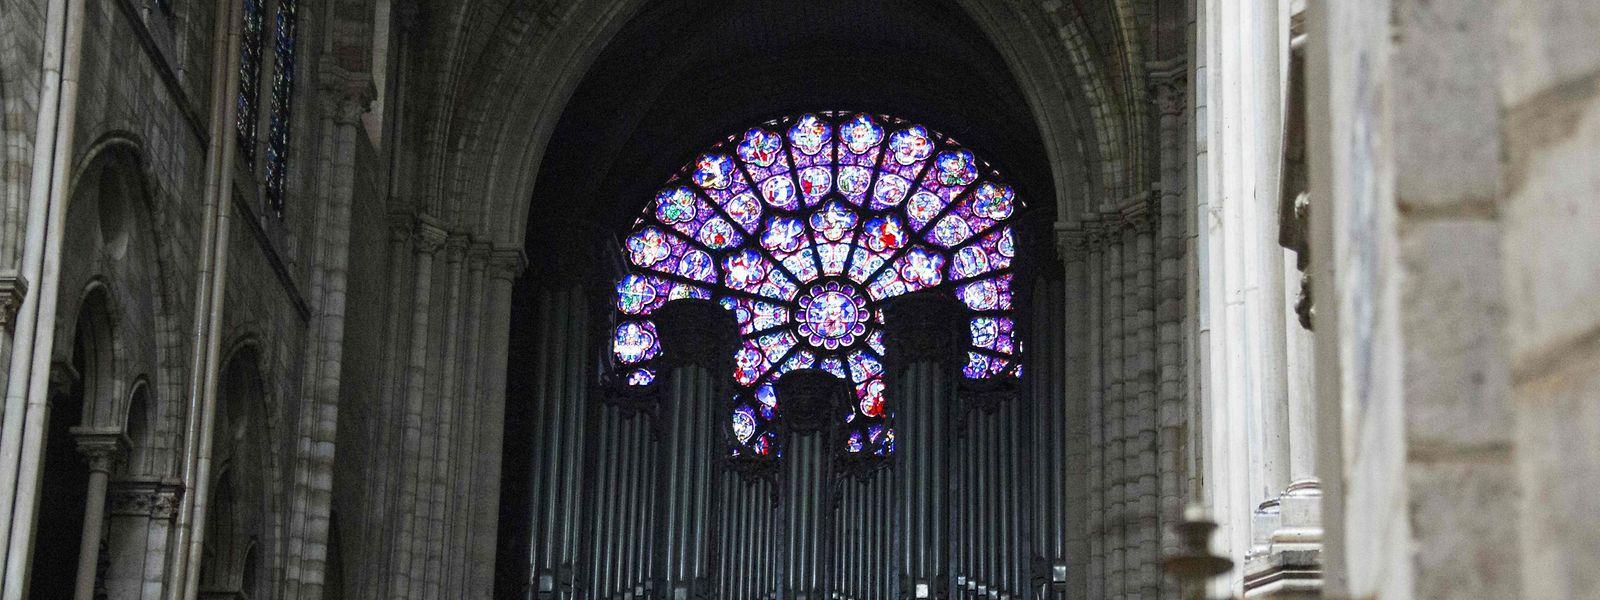 Die Hauptorgel in der Notre-Dame-Kathedrale am Tag nach dem Brand.